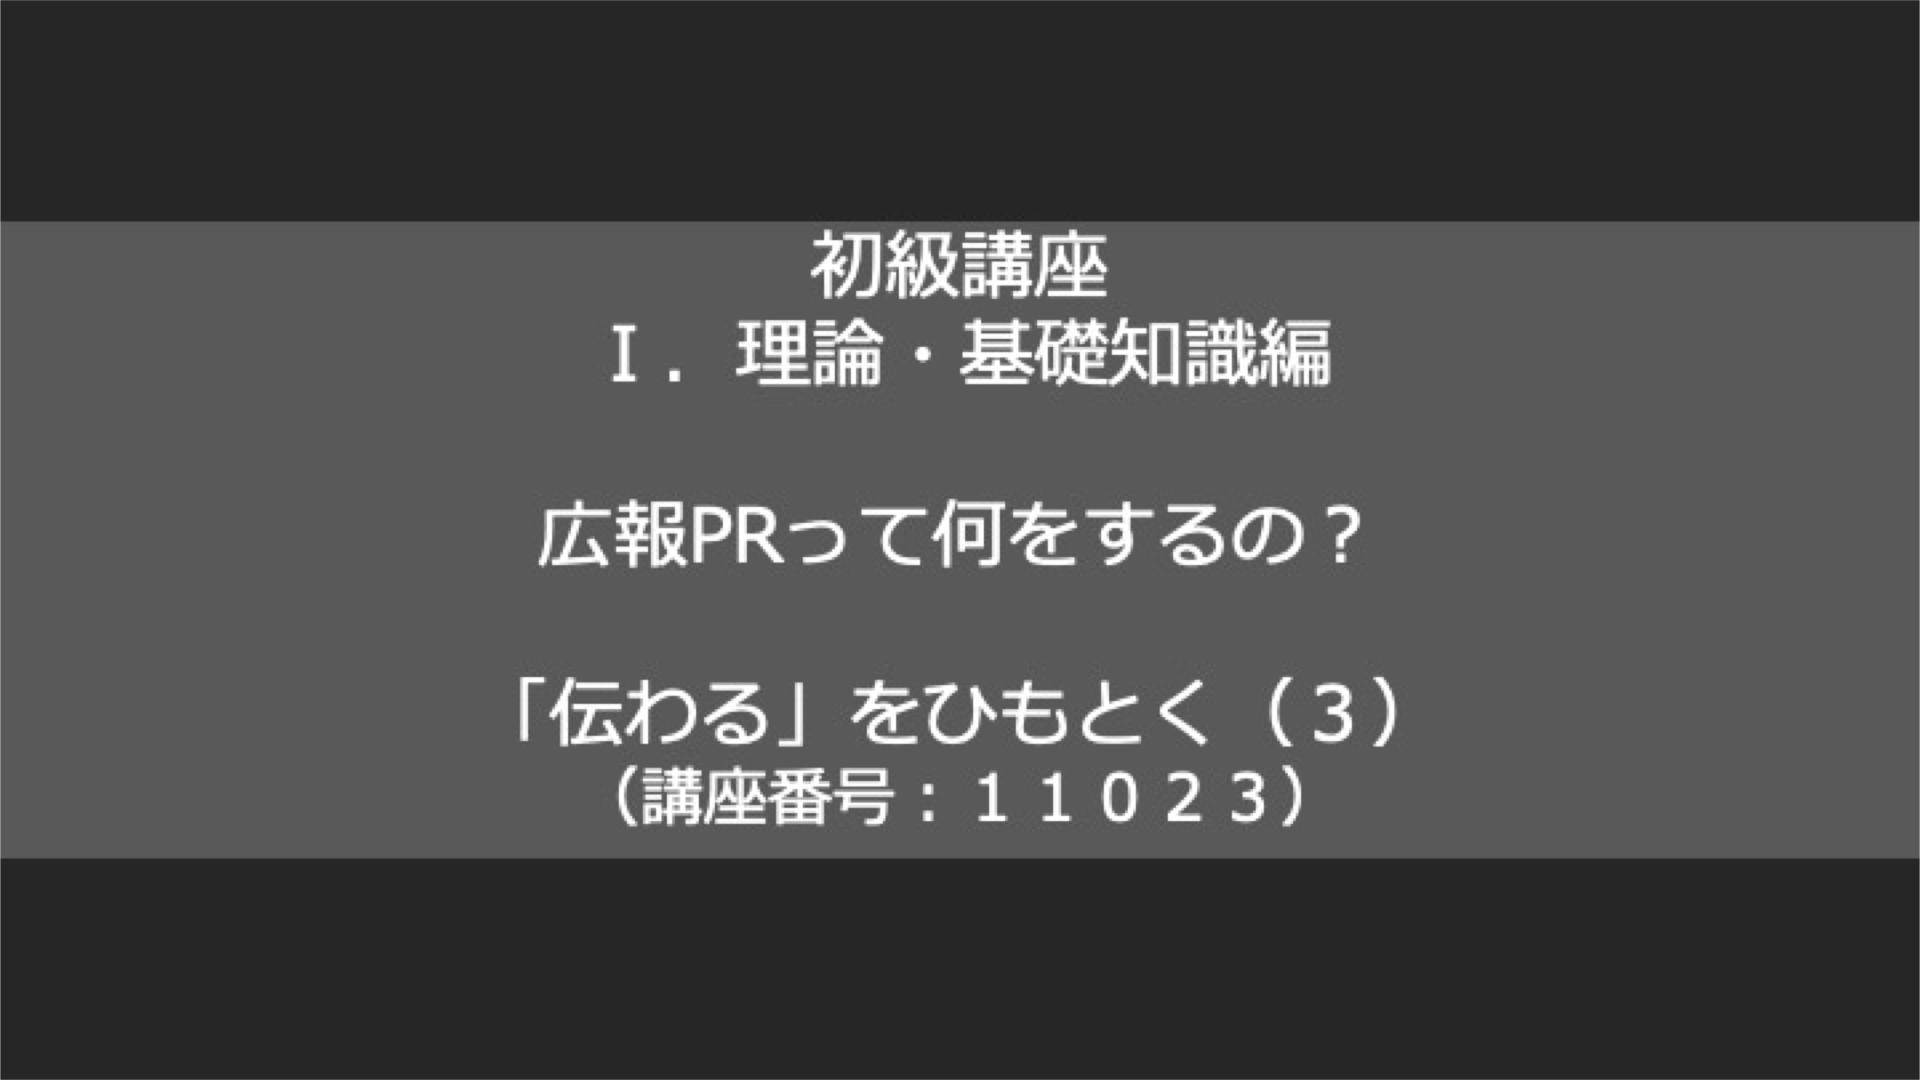 初級講座 Ⅰ.理論・基礎知識 広報PRって何をするの? 伝わるをひもとく(3)